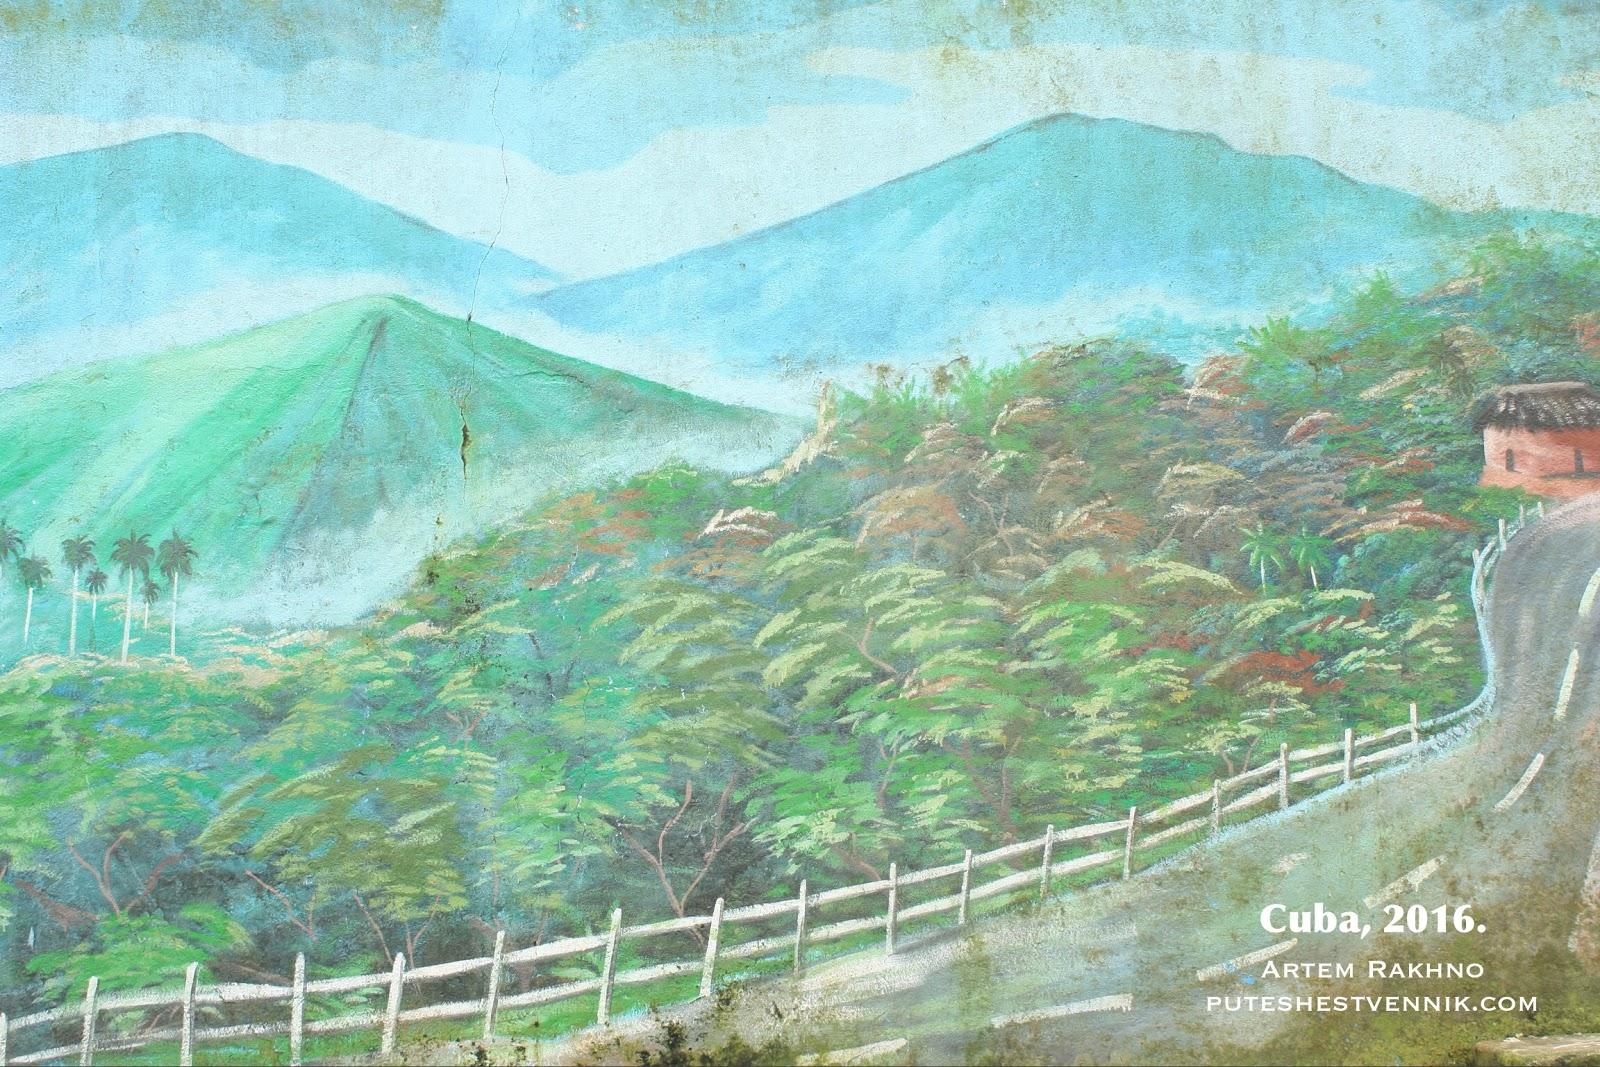 Трасса Ла-Фарола в изображении художника